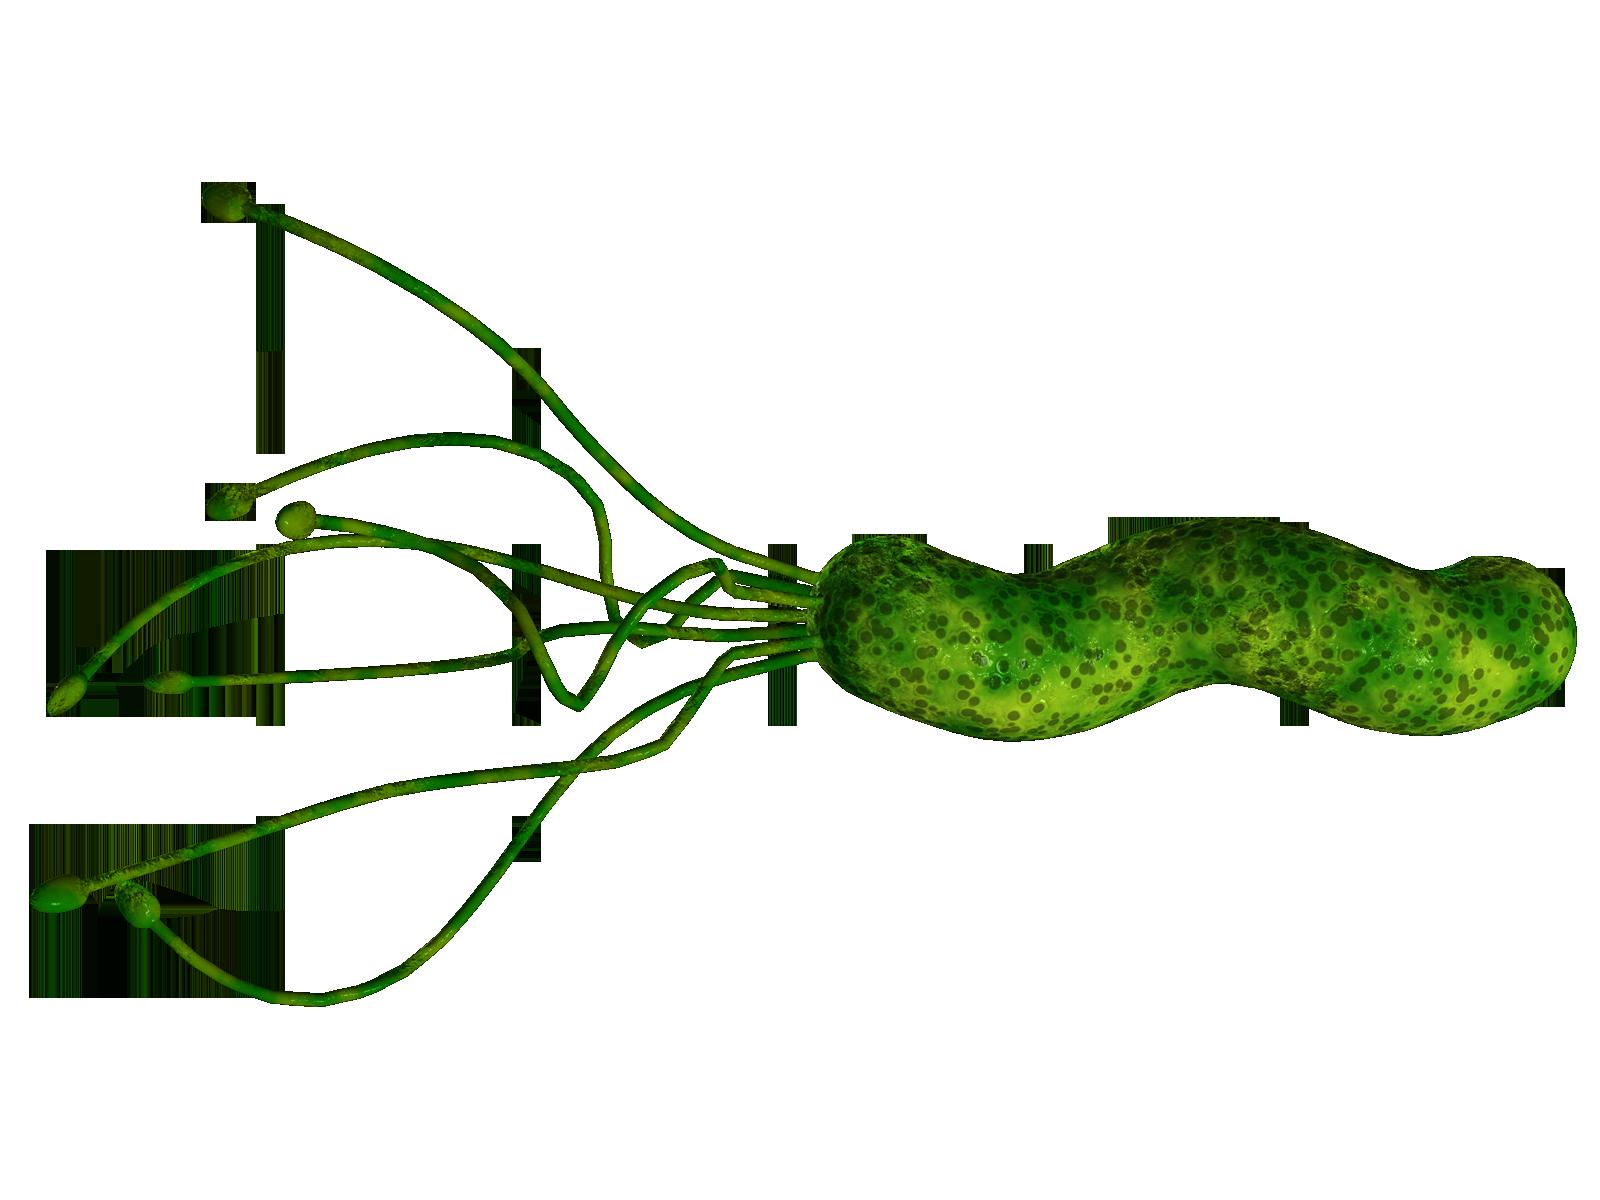 foto bacteria: